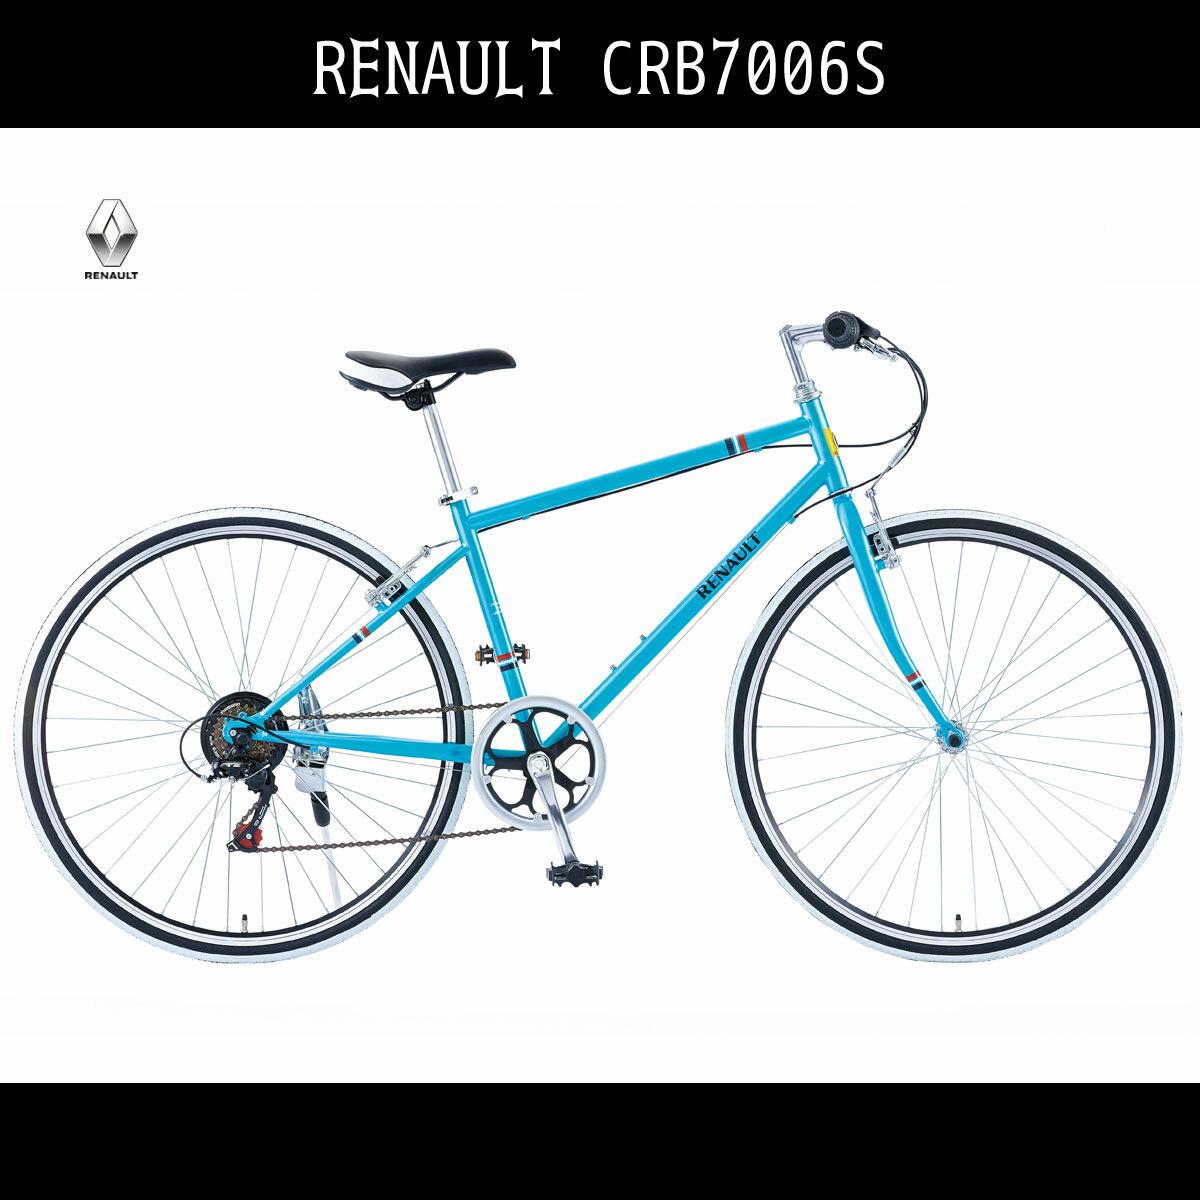 送料無料 クロスバイク 自転車 ルノー(RENAULT)自転車 ブルー/青700c クロスバイク 軽量 外装6段変速ギア付き CRB7006S ルノー 自転車 通販 おしゃれ